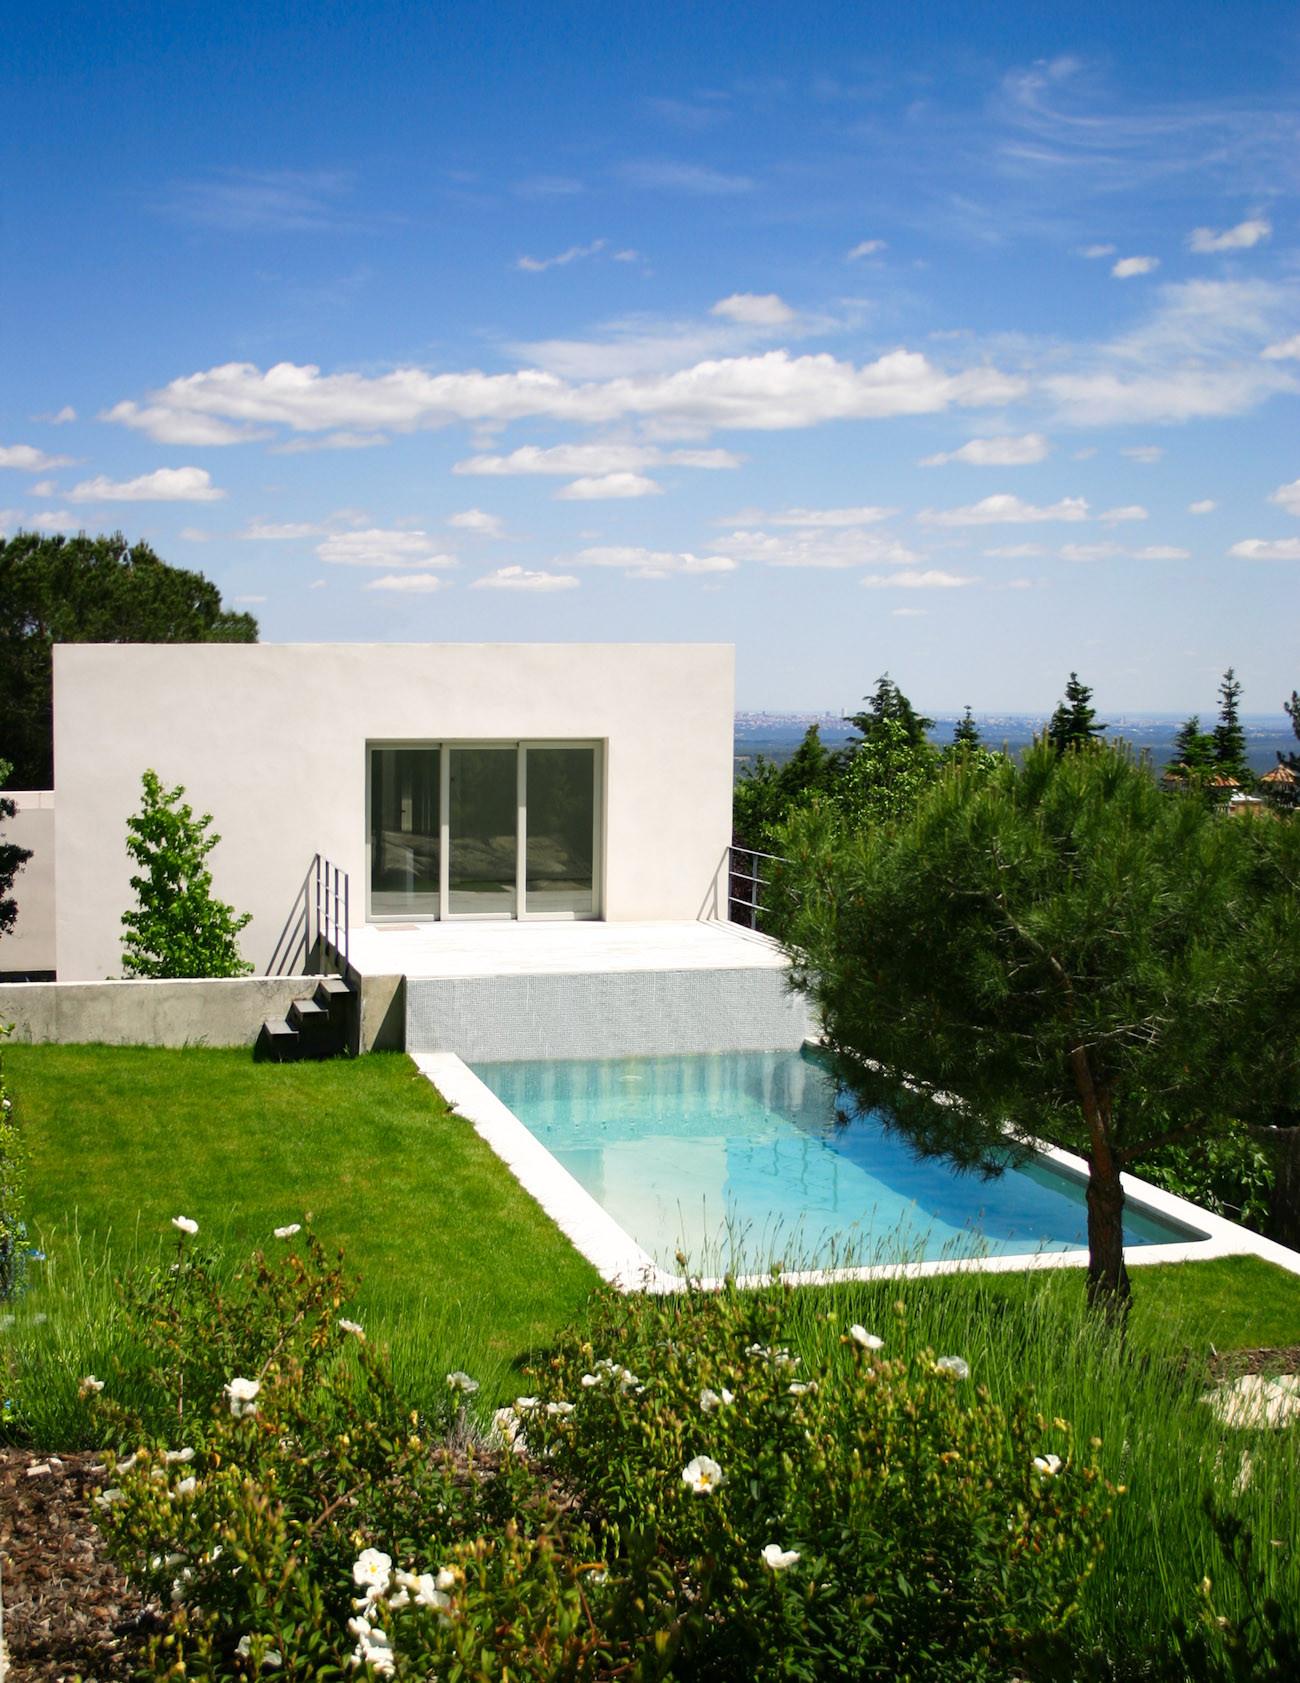 Galer a de casa del pico baton arquitectura 1 for Se puede fumar en piscinas